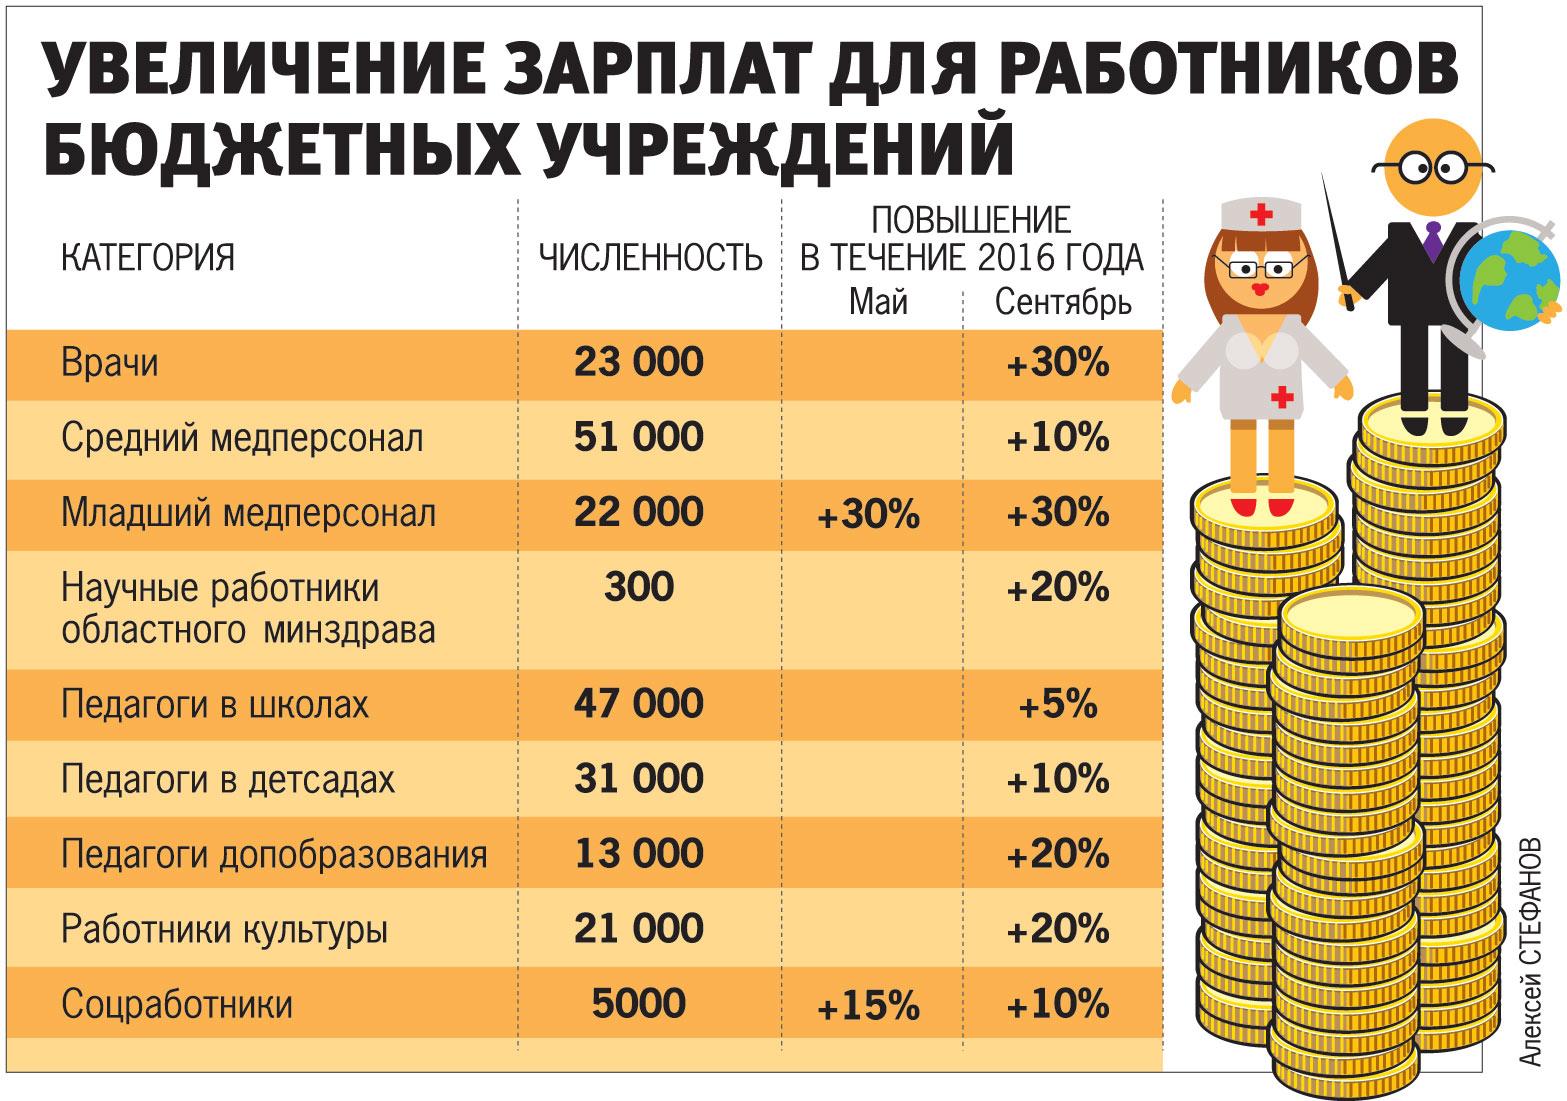 Закон об повышении зарплаты воспитателям и младшим воспитателям